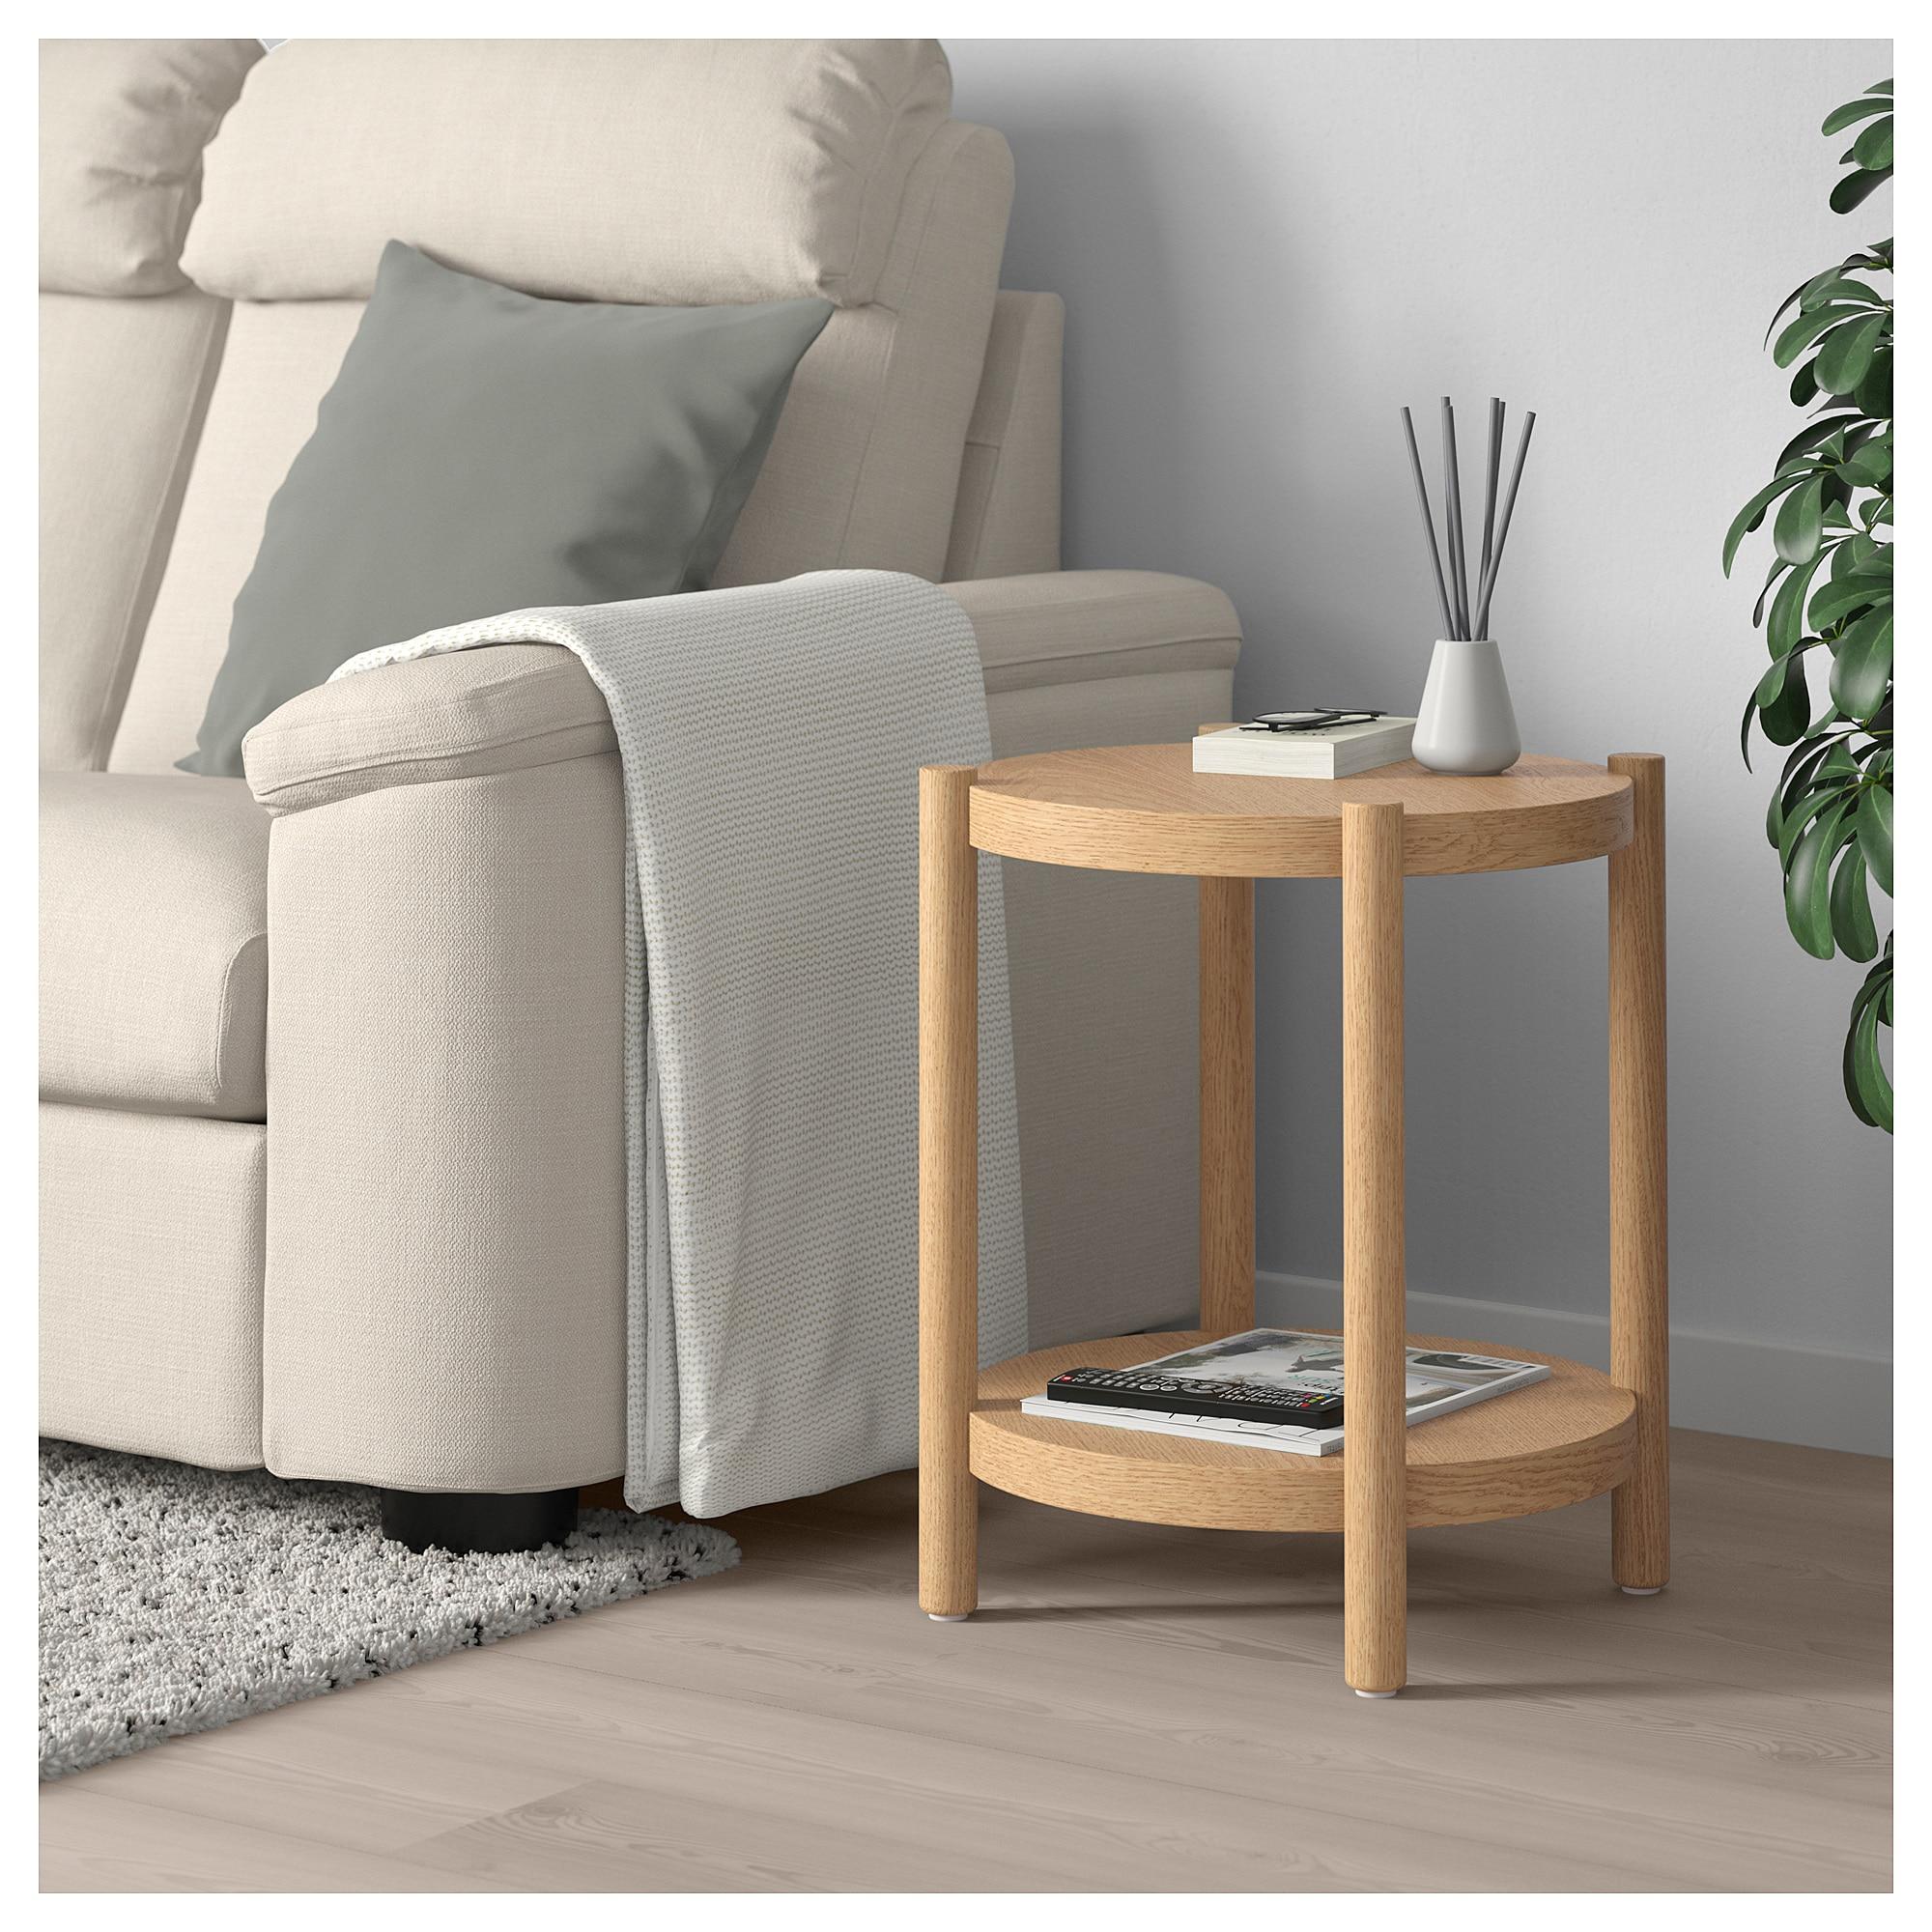 Listerby Side Table White Stained Oak 19 5 8 Ikea Oak Side Table White Side Tables Ikea Side Table [ 2000 x 2000 Pixel ]